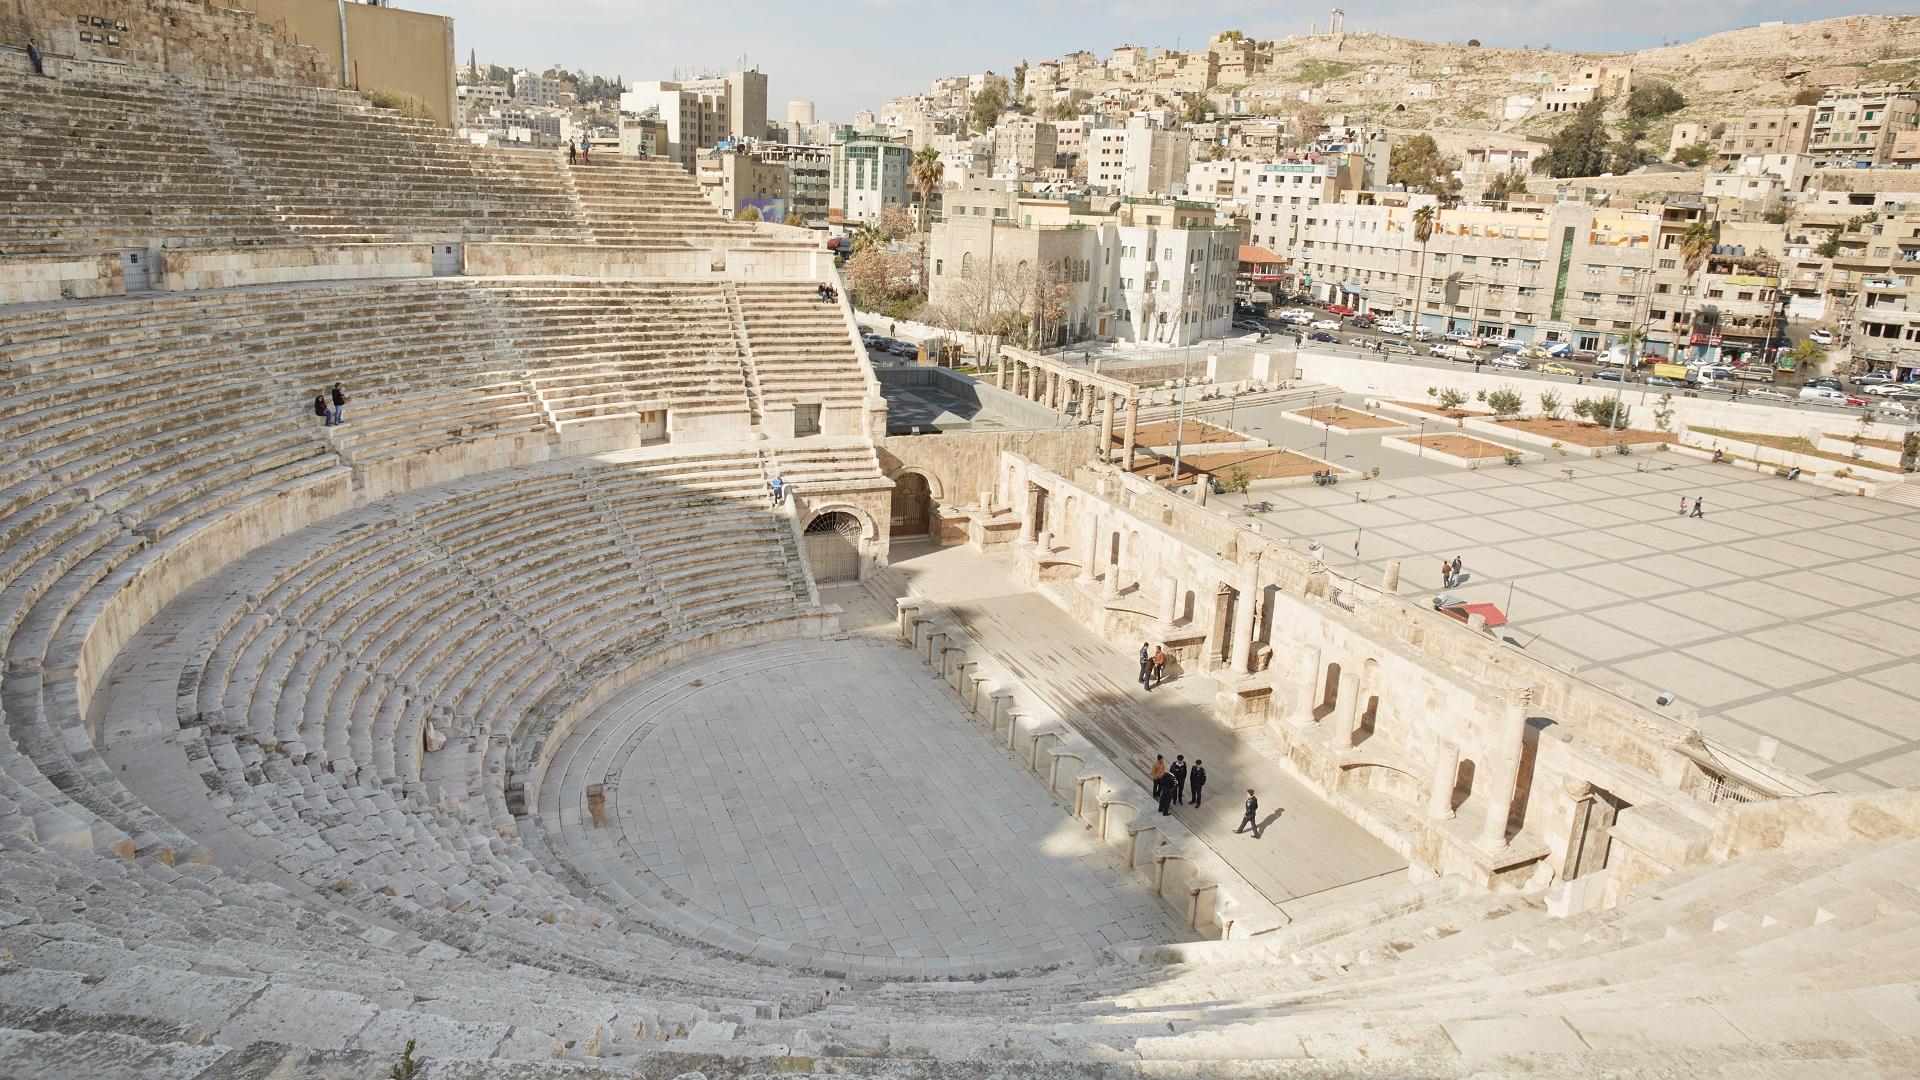 Een oud Romeins Theater in Amman, Jordanië